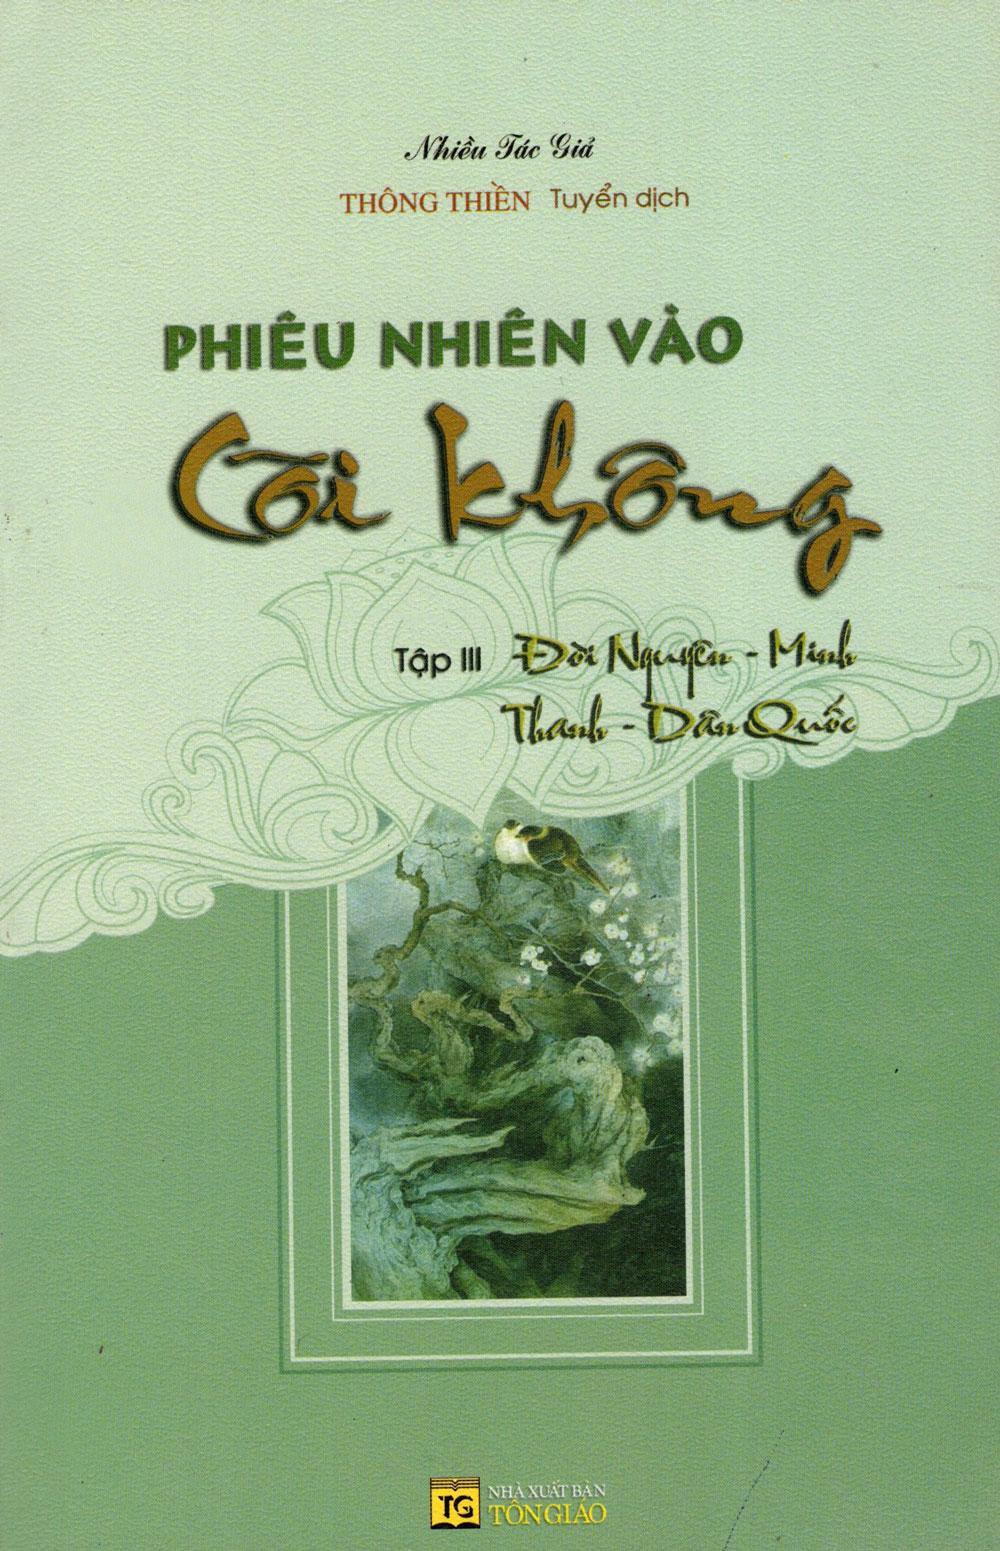 Bìa sách Phiêu Nhiên Vào Cõi Không (Tập III): Đời Nguyên - Minh Thanh - Dân Quốc